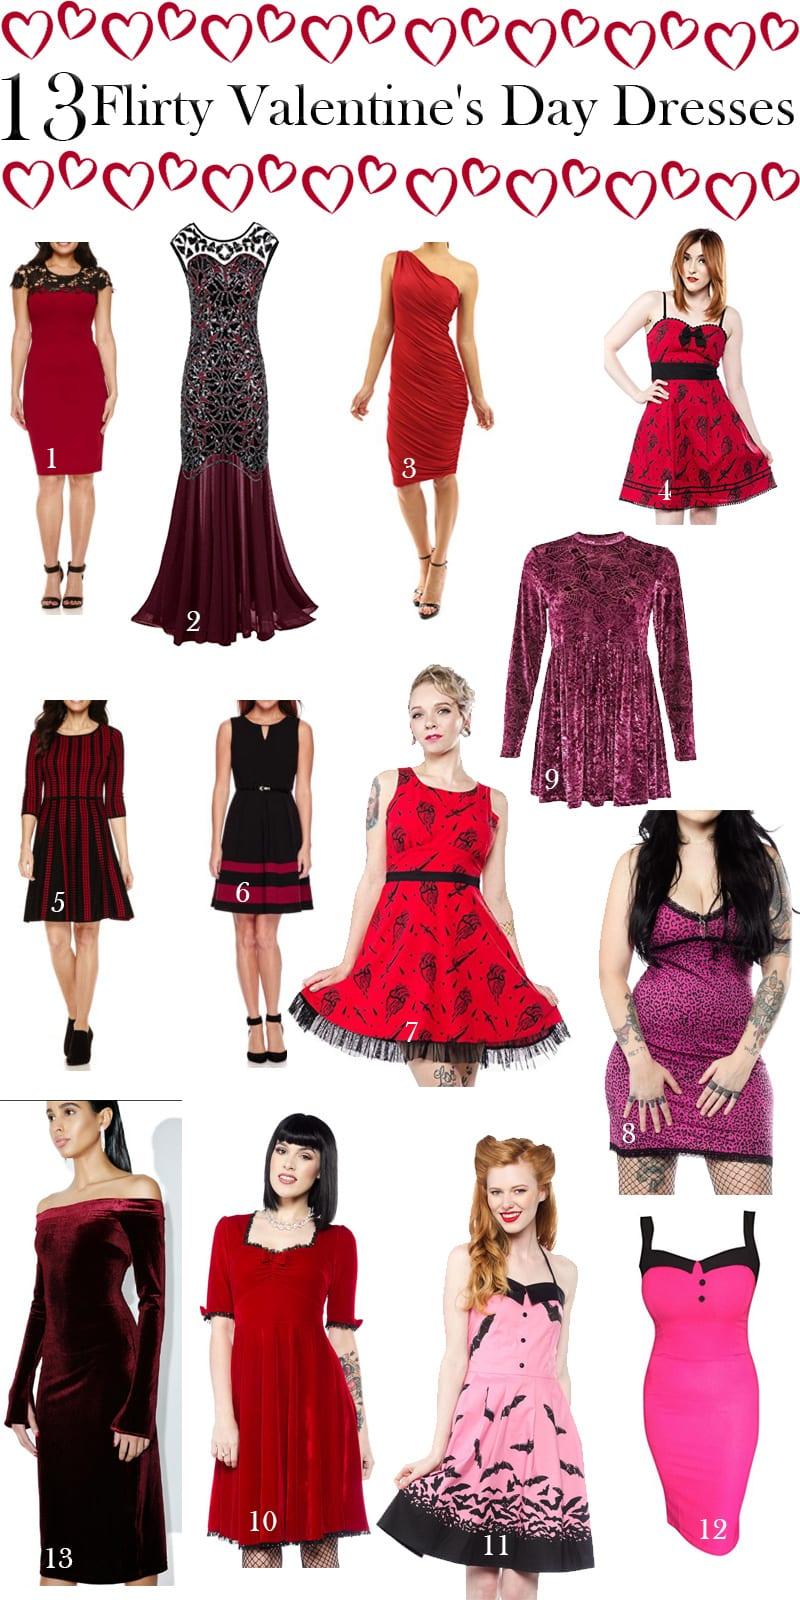 13 Flirty Valentine's Day Dresses